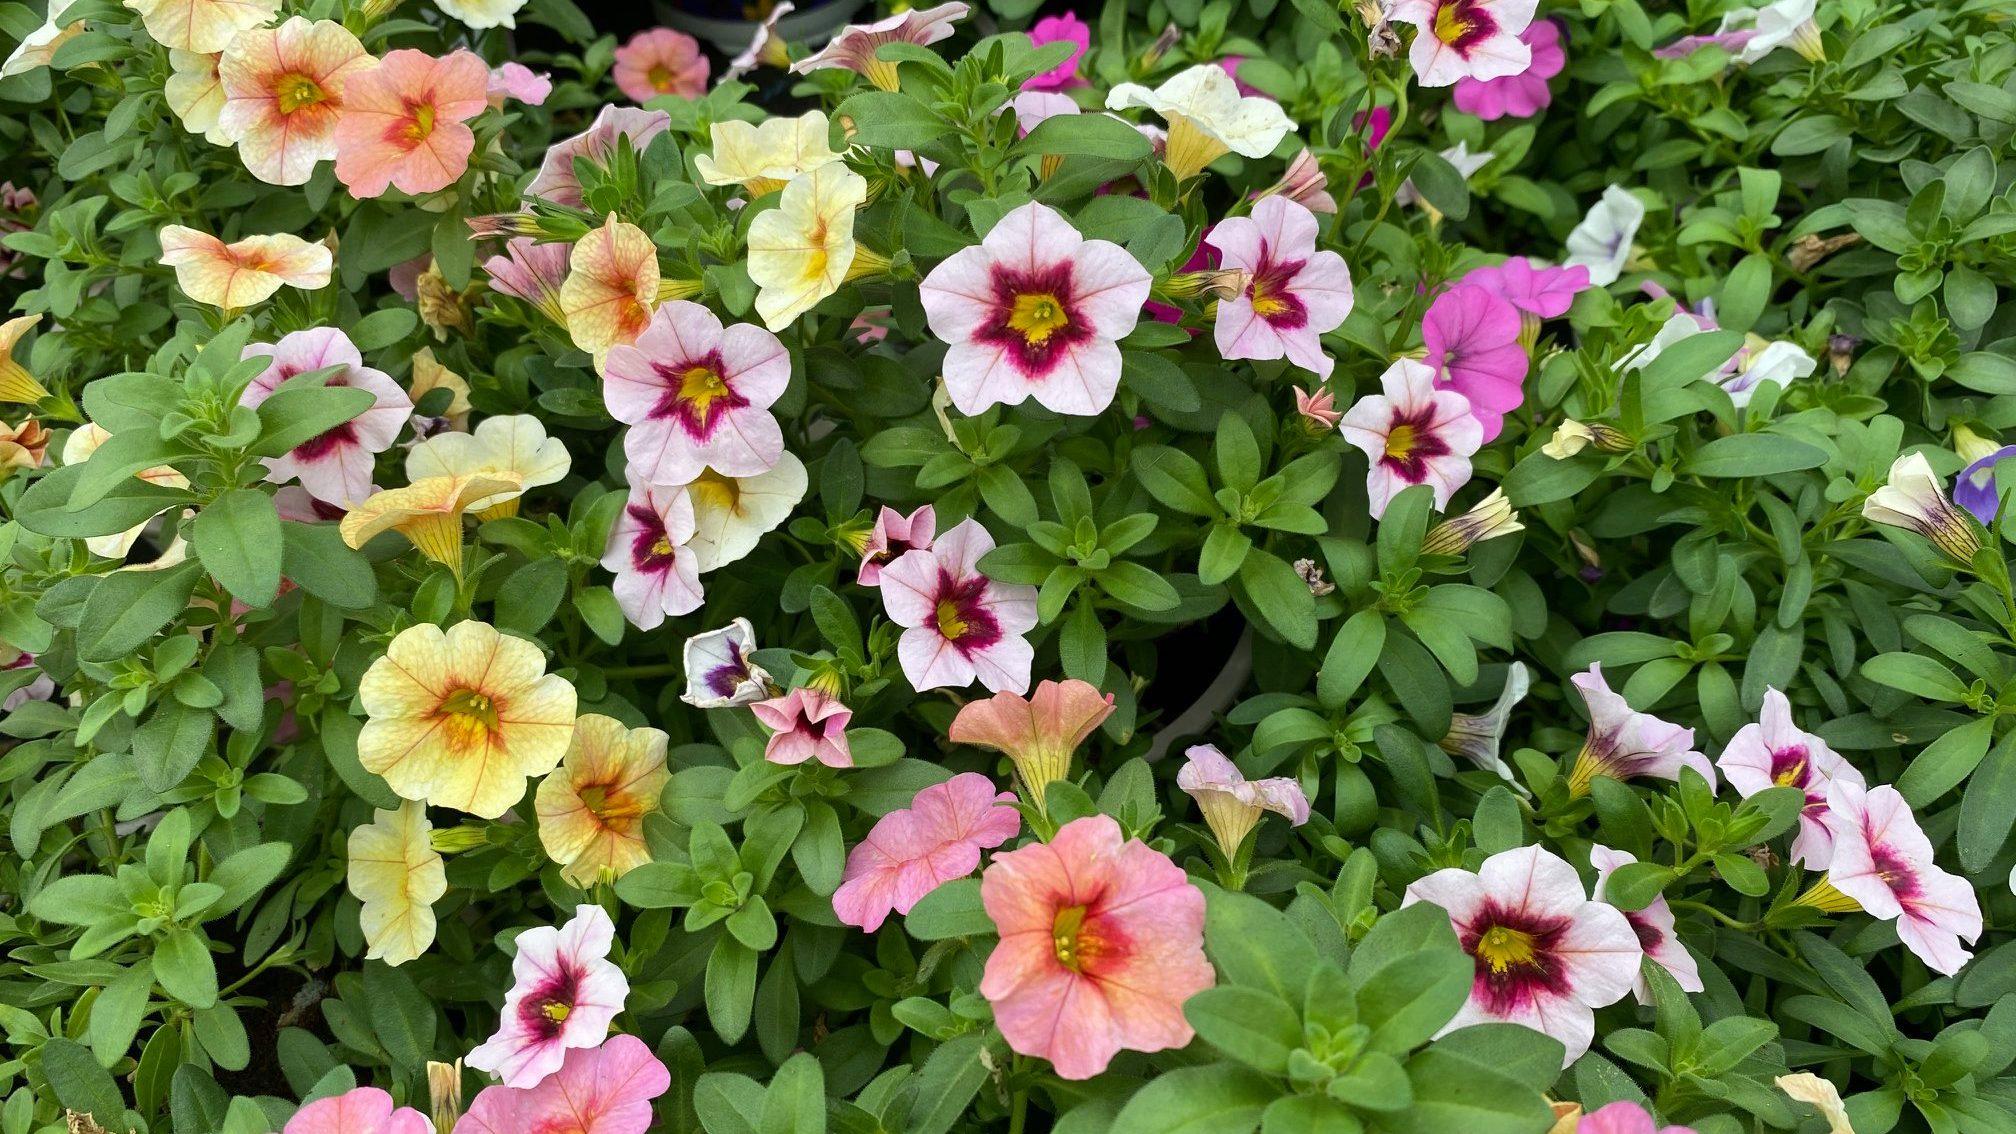 Blumen von der Foto: Tropica Raritätengärtnerei GmbH